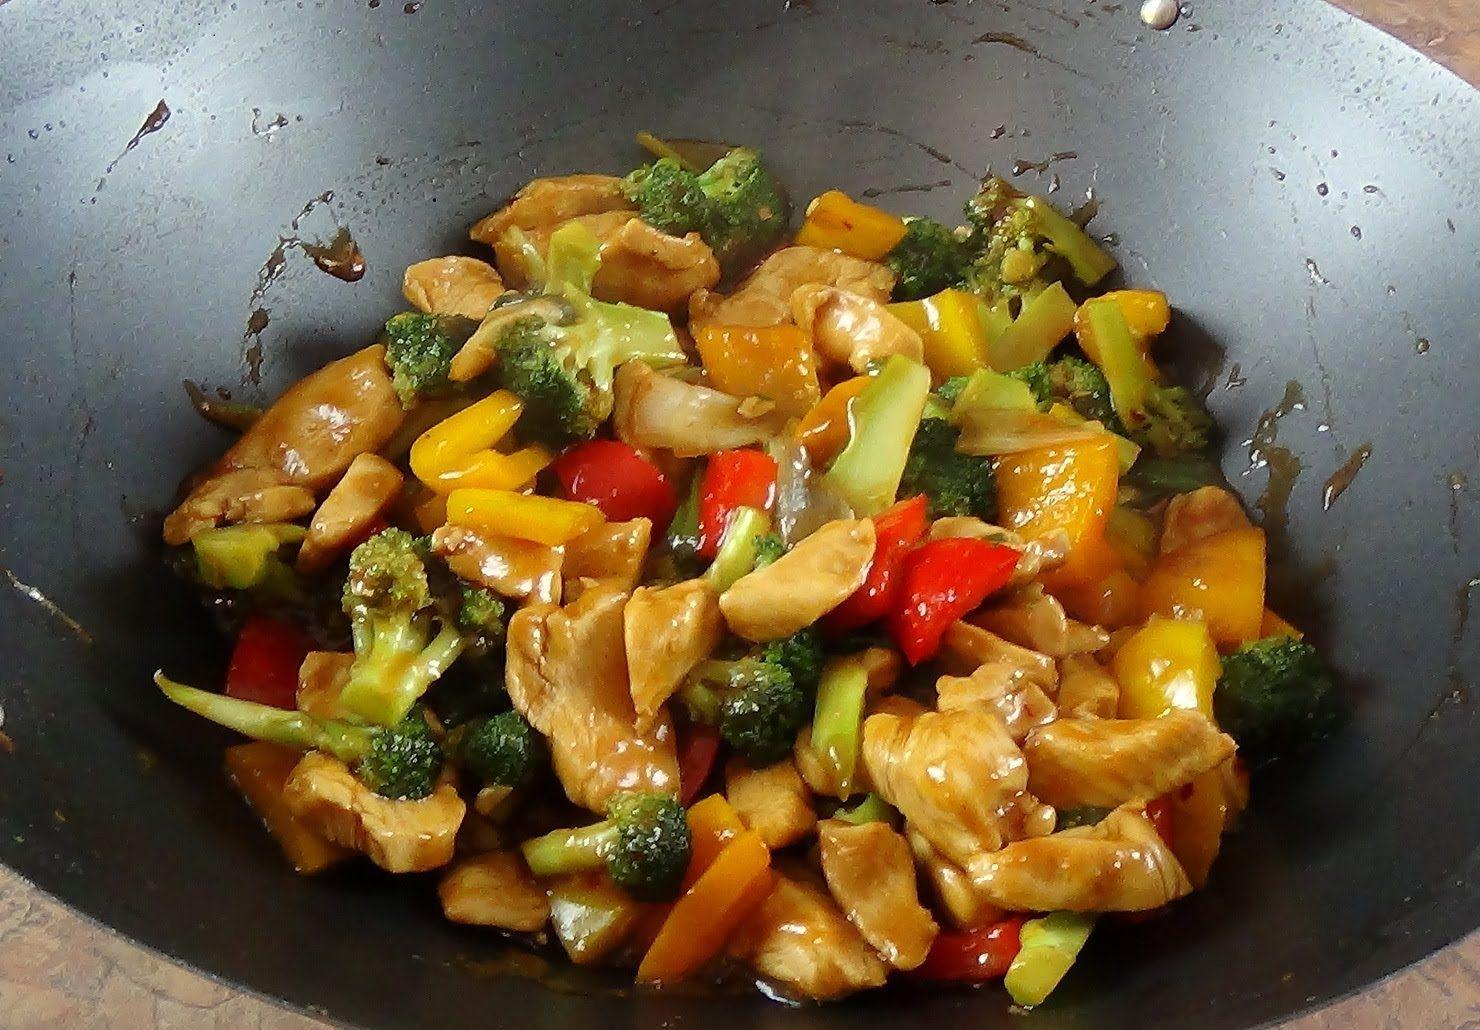 Chicken And Vegetables Stir Fry دجاج صيني بالخضار Afspeellijst Cashew Chicken Recipe Chicken And Vegetables Chicken